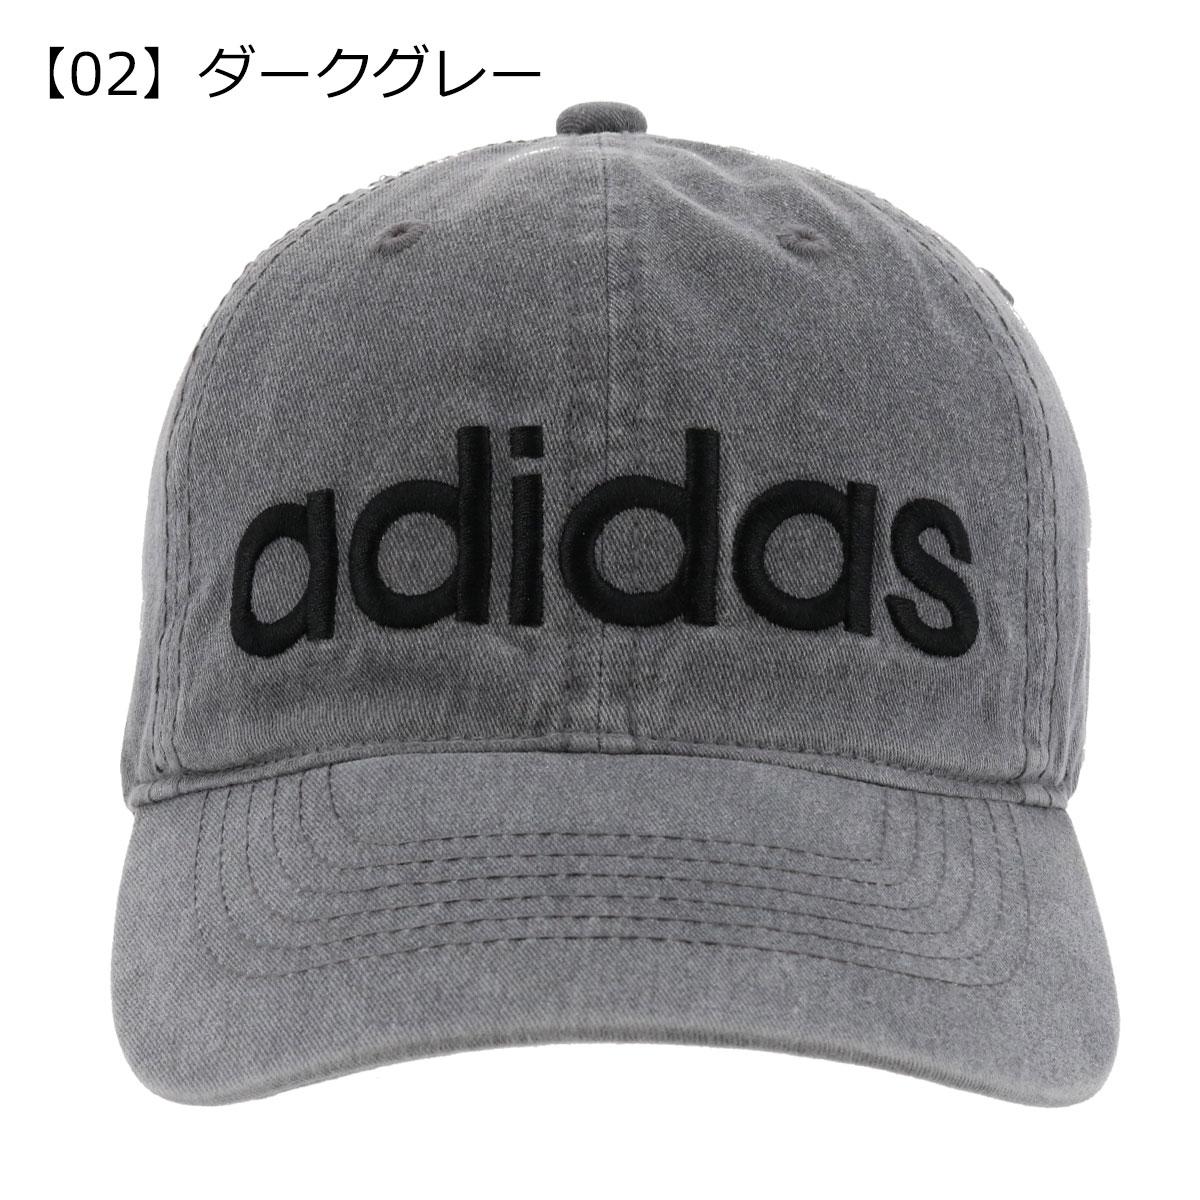 【02】ダークグレー